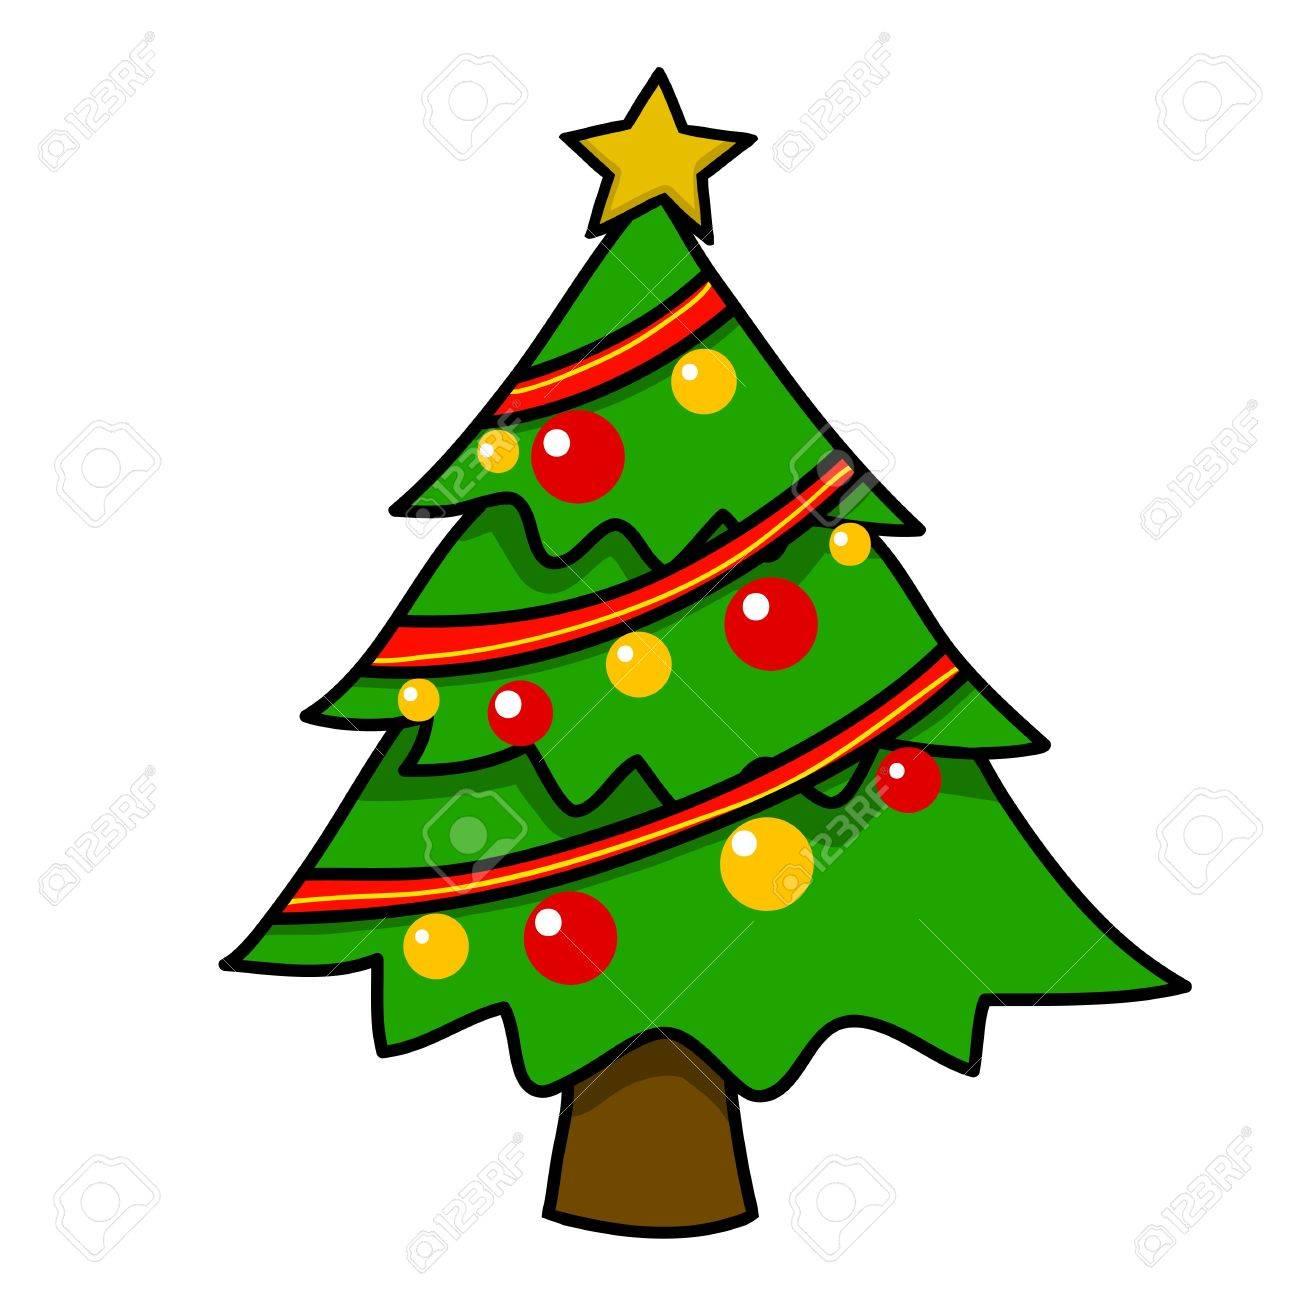 Fotos De Arboles De Navidad En Dibujos.Navidad Arbol De Dibujos Animados